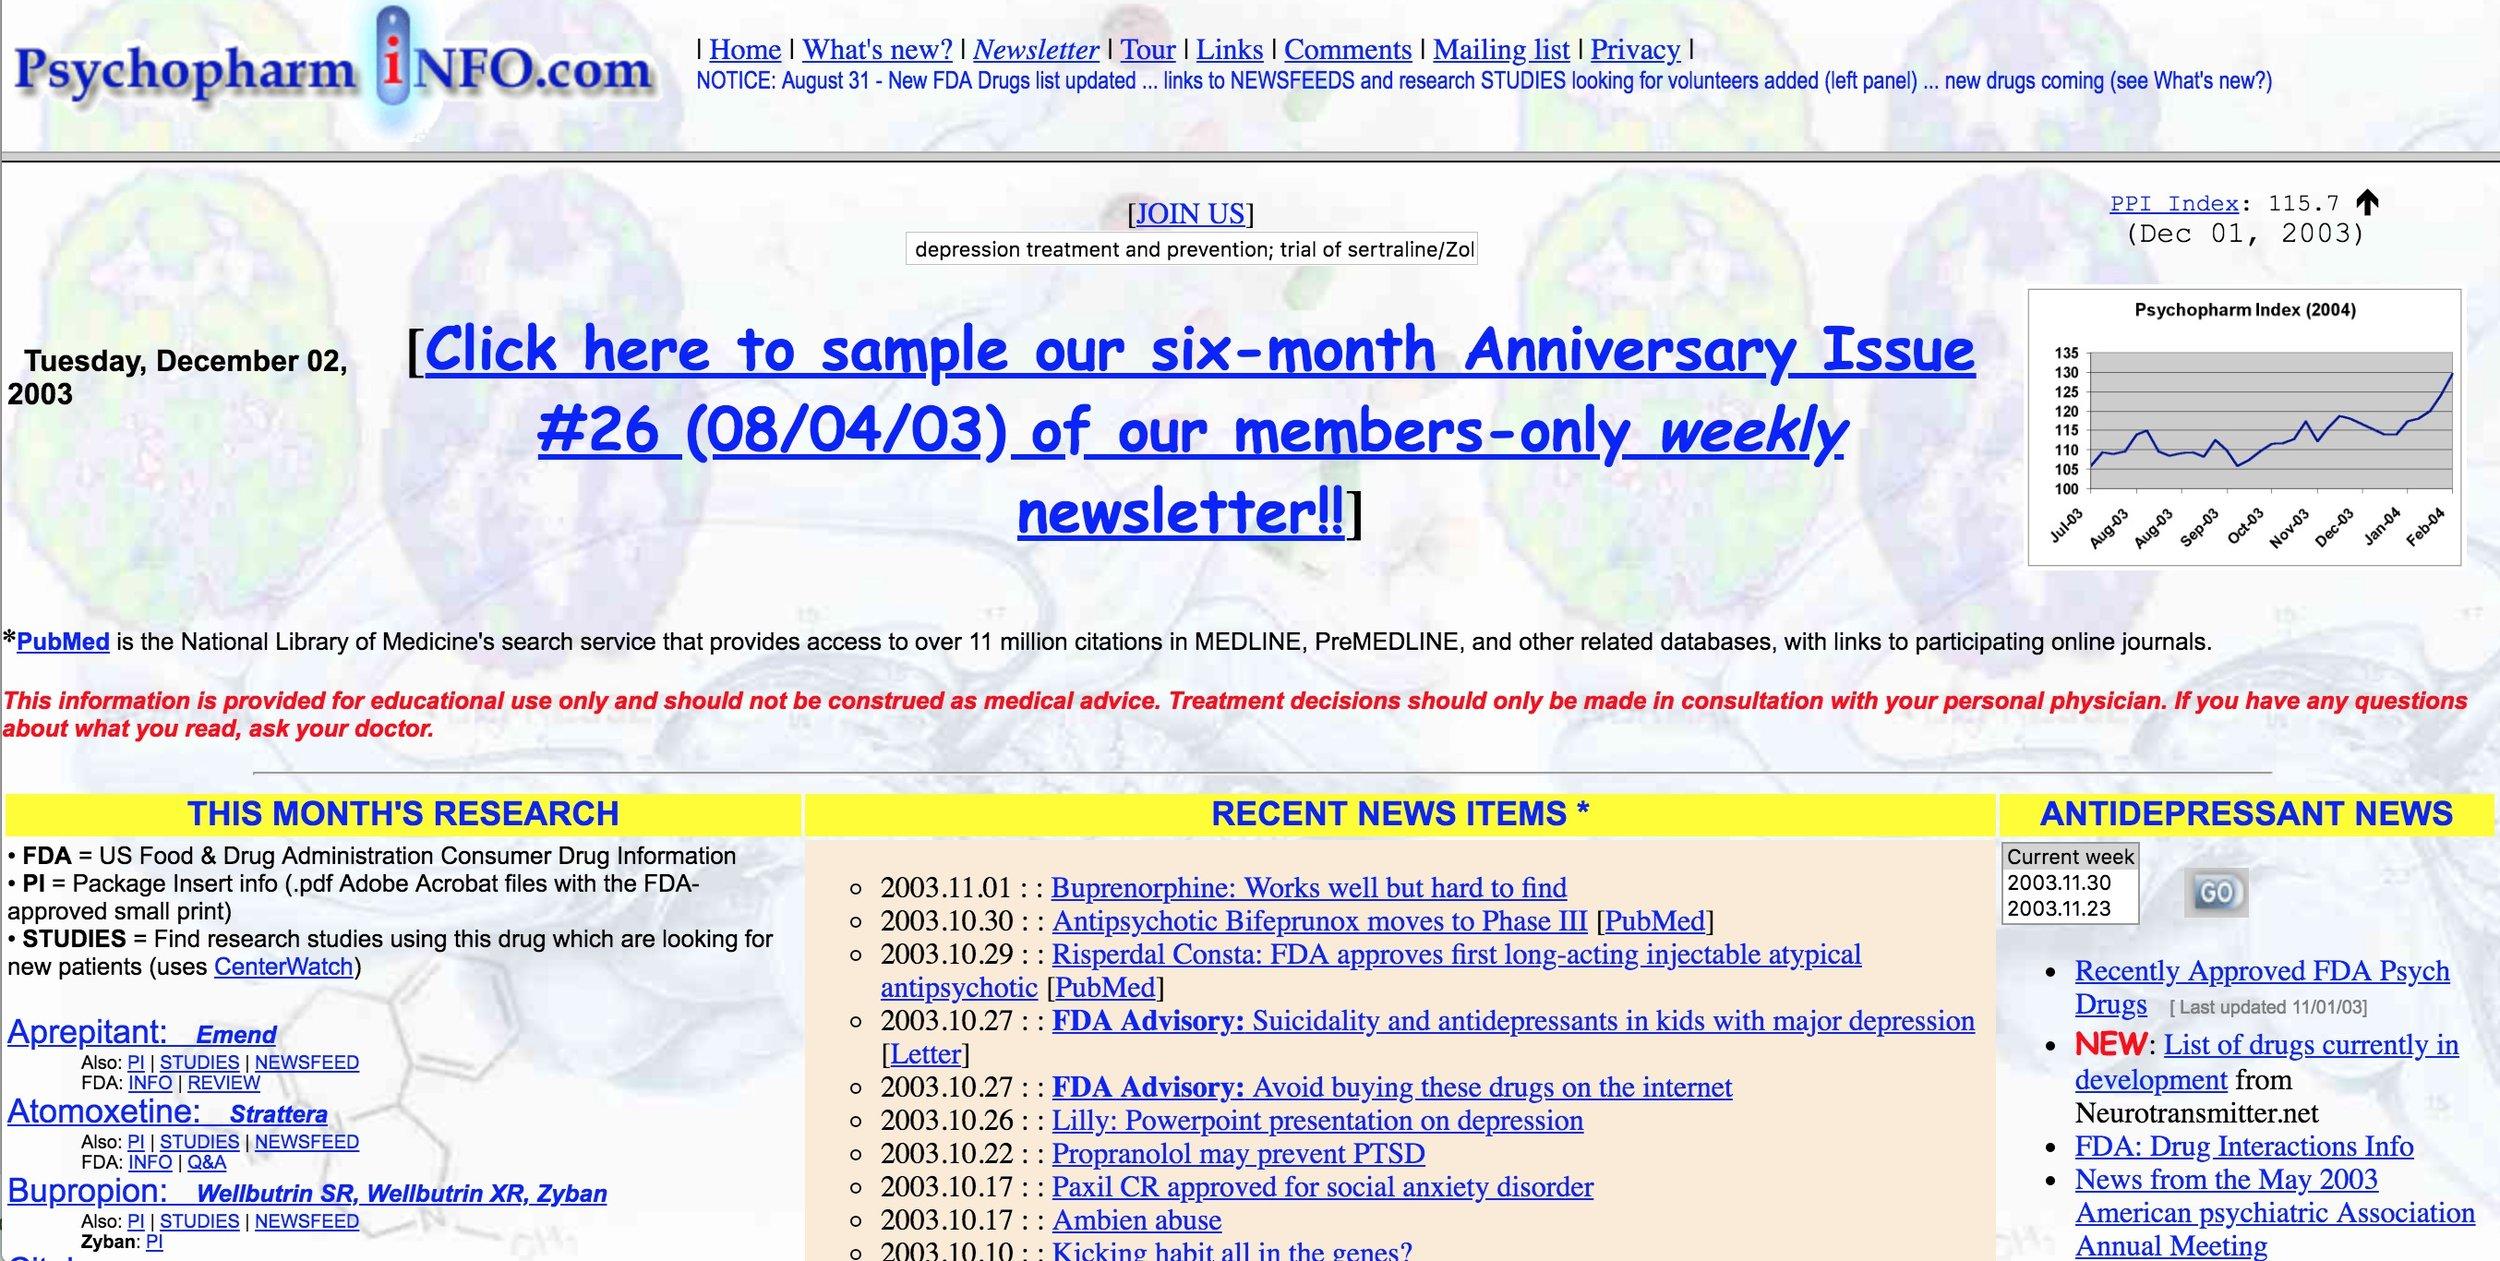 {PsychopharmINFO screenshot from 2003.}